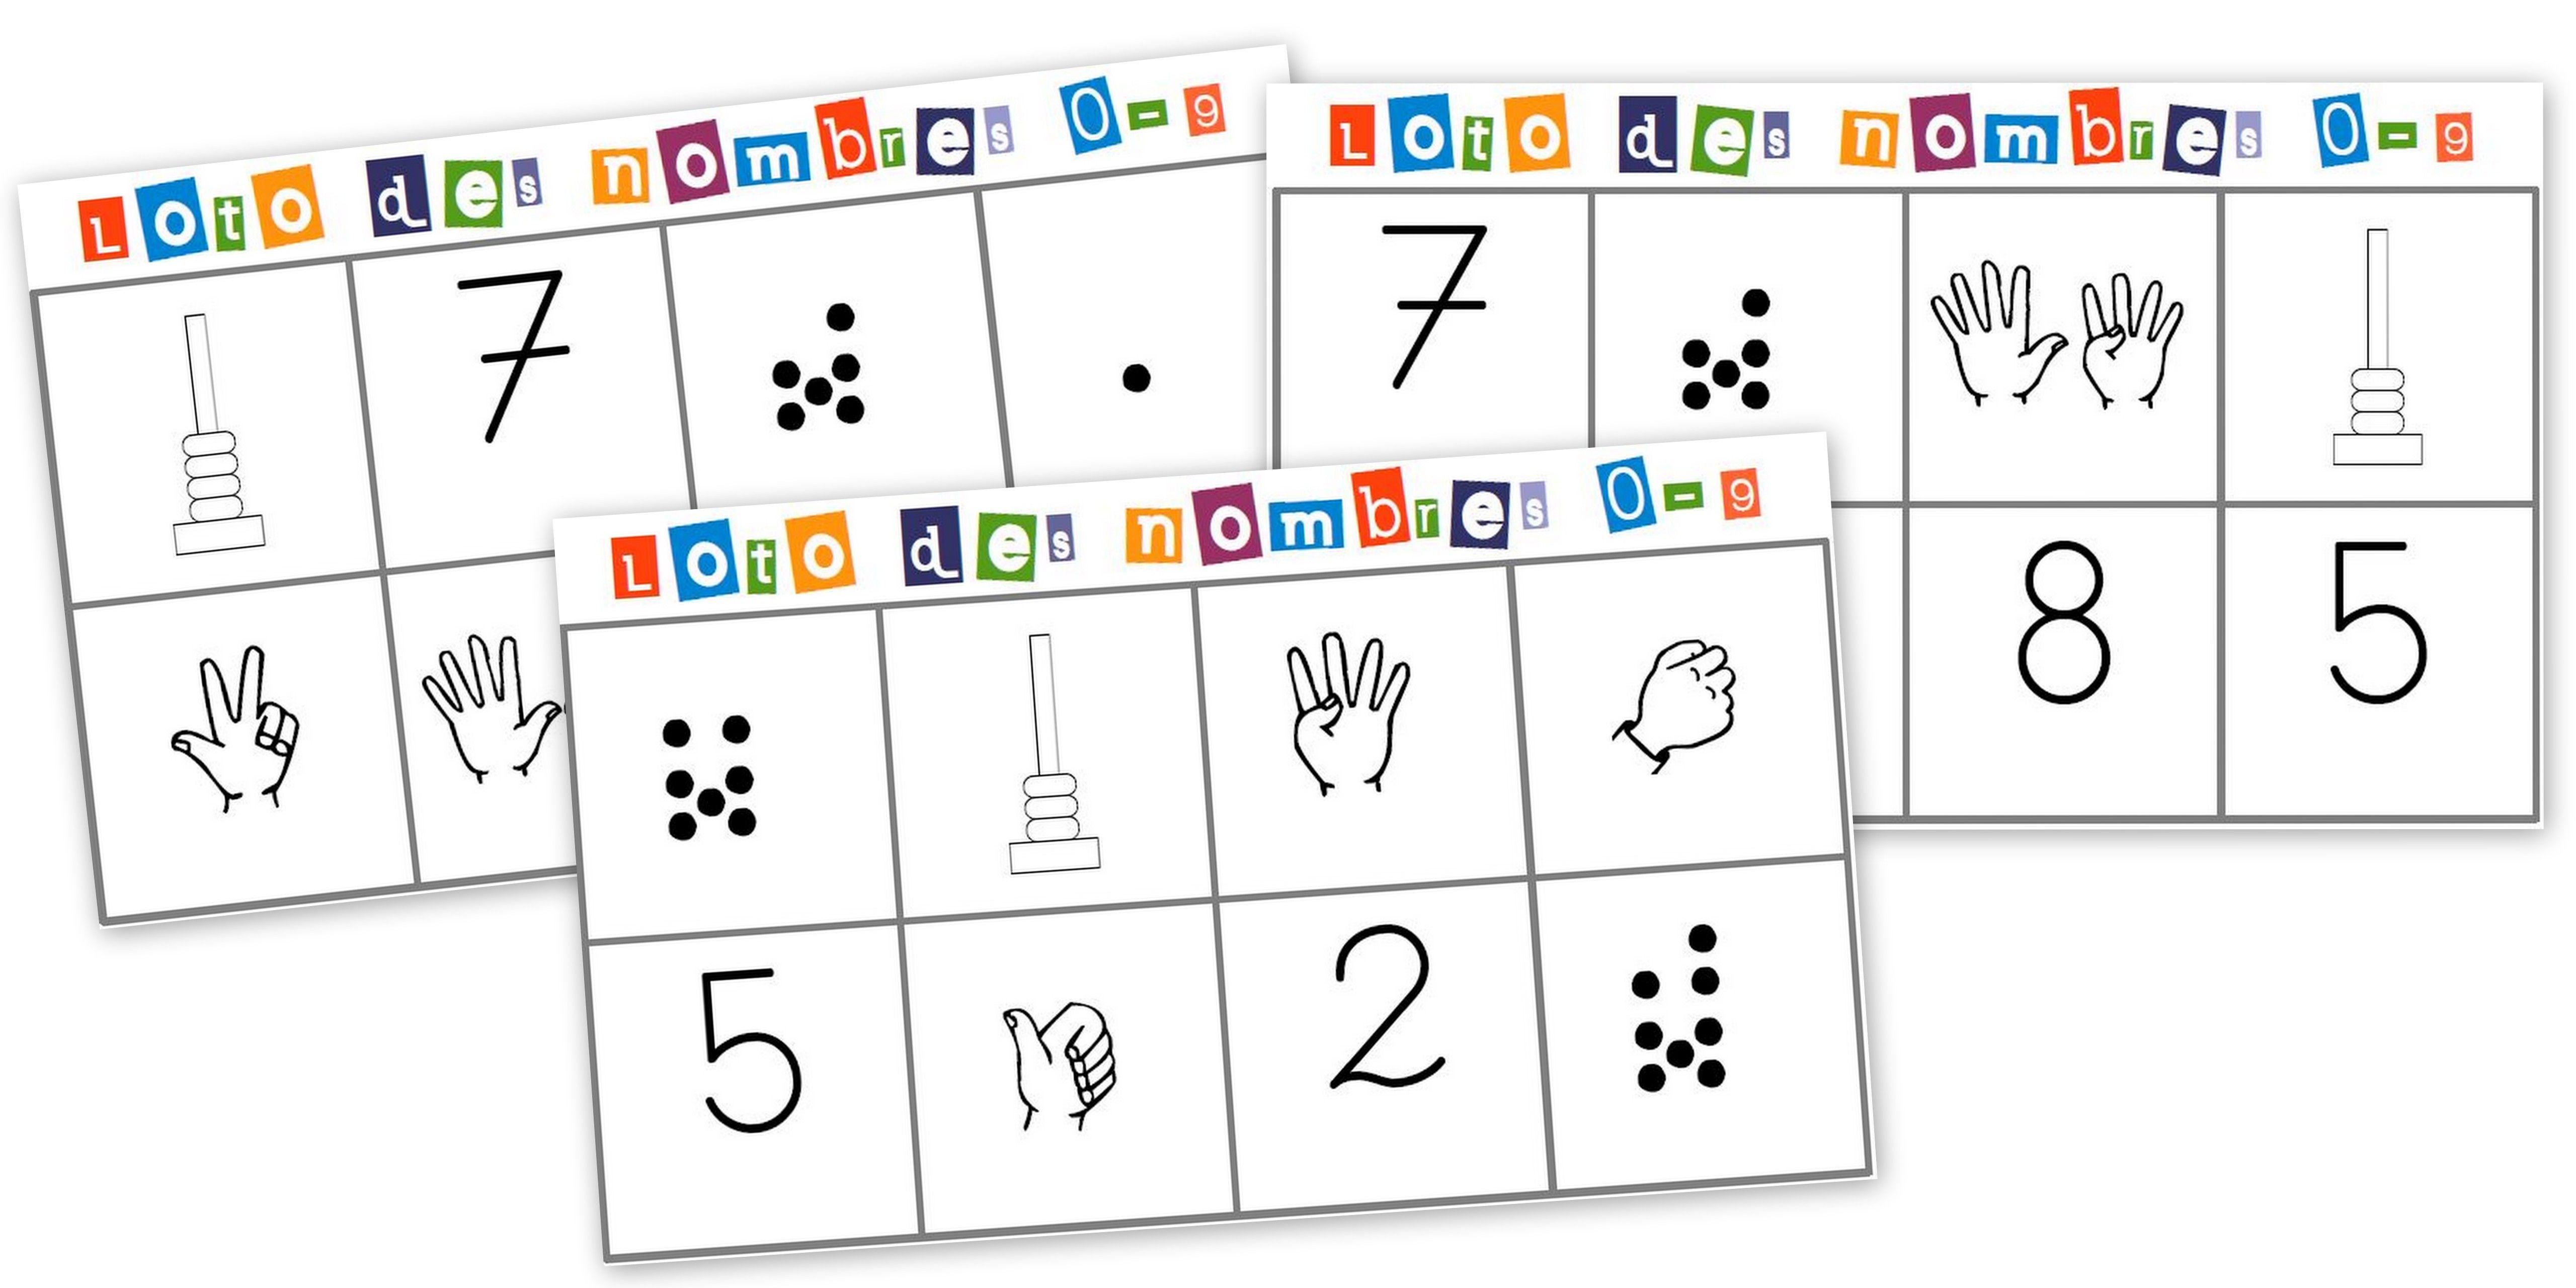 loto des nombres jeu maths construire classroom pinterest jeux maths les nombres. Black Bedroom Furniture Sets. Home Design Ideas